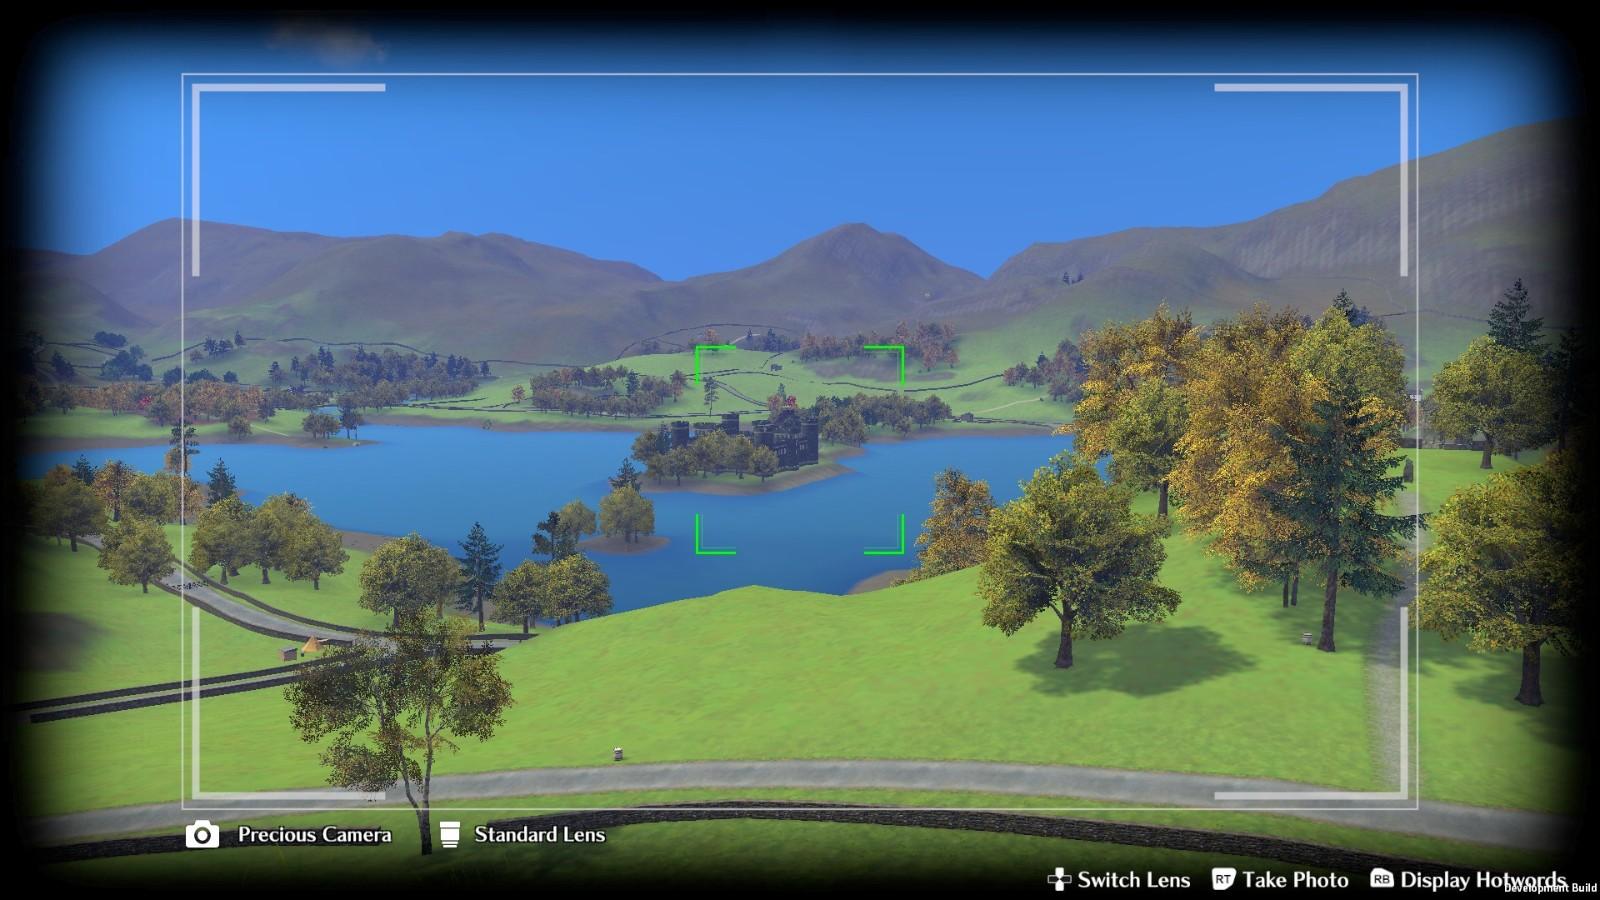 沉浸式模拟《美好人生》10月15日发售 前往最幸福的地方插图11